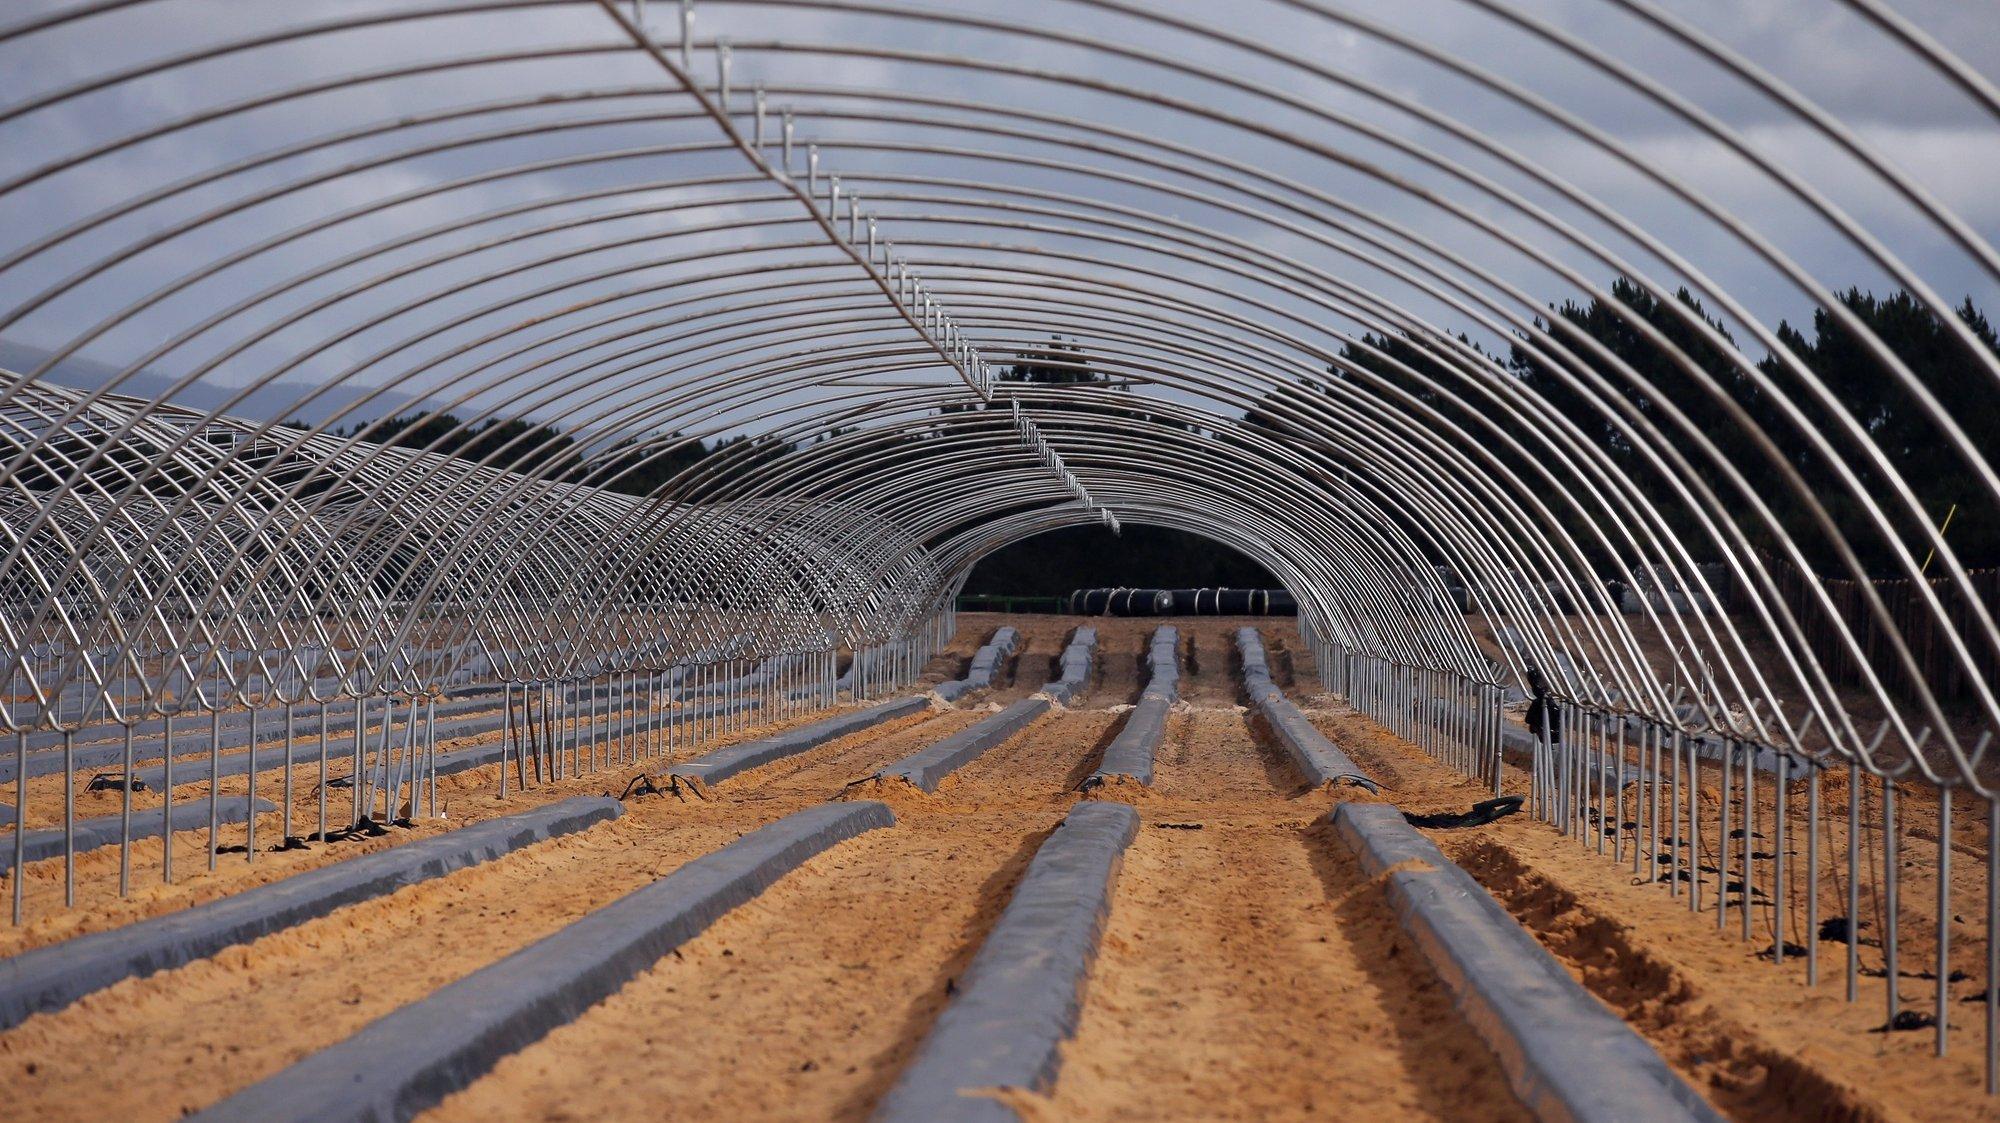 Novas estufas estão a ser construidas junto ao Brejão (Odemira), zona onde os habitantes estão rodeados por este tipo de agricultura intensiva e se queixam entre outras coisas do aumento da quantidade de moscas, para além do cheiro dos produtos químicos utilizados na agricultura. Odemira, 10 de maio de 2021. (ACOMPANHA TEXTO  DE 19/05/2021). NUNO VEIGA/LUSA